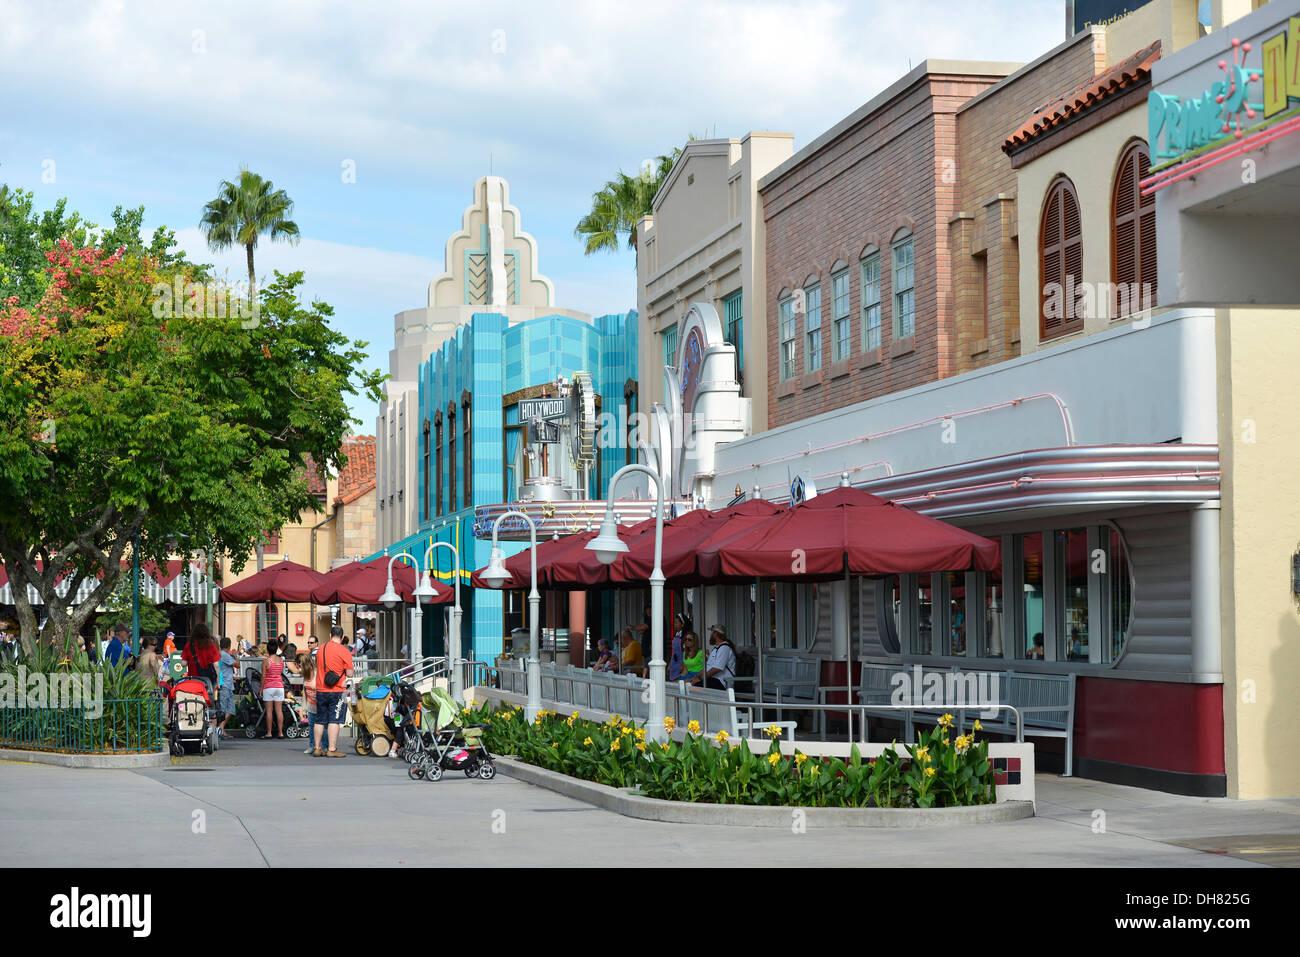 Einkaufsmöglichkeiten und Restaurants in Hollywood Studios, Hollywood & Vine Restaurant, Disney World Resort, Orlando Florida Stockbild